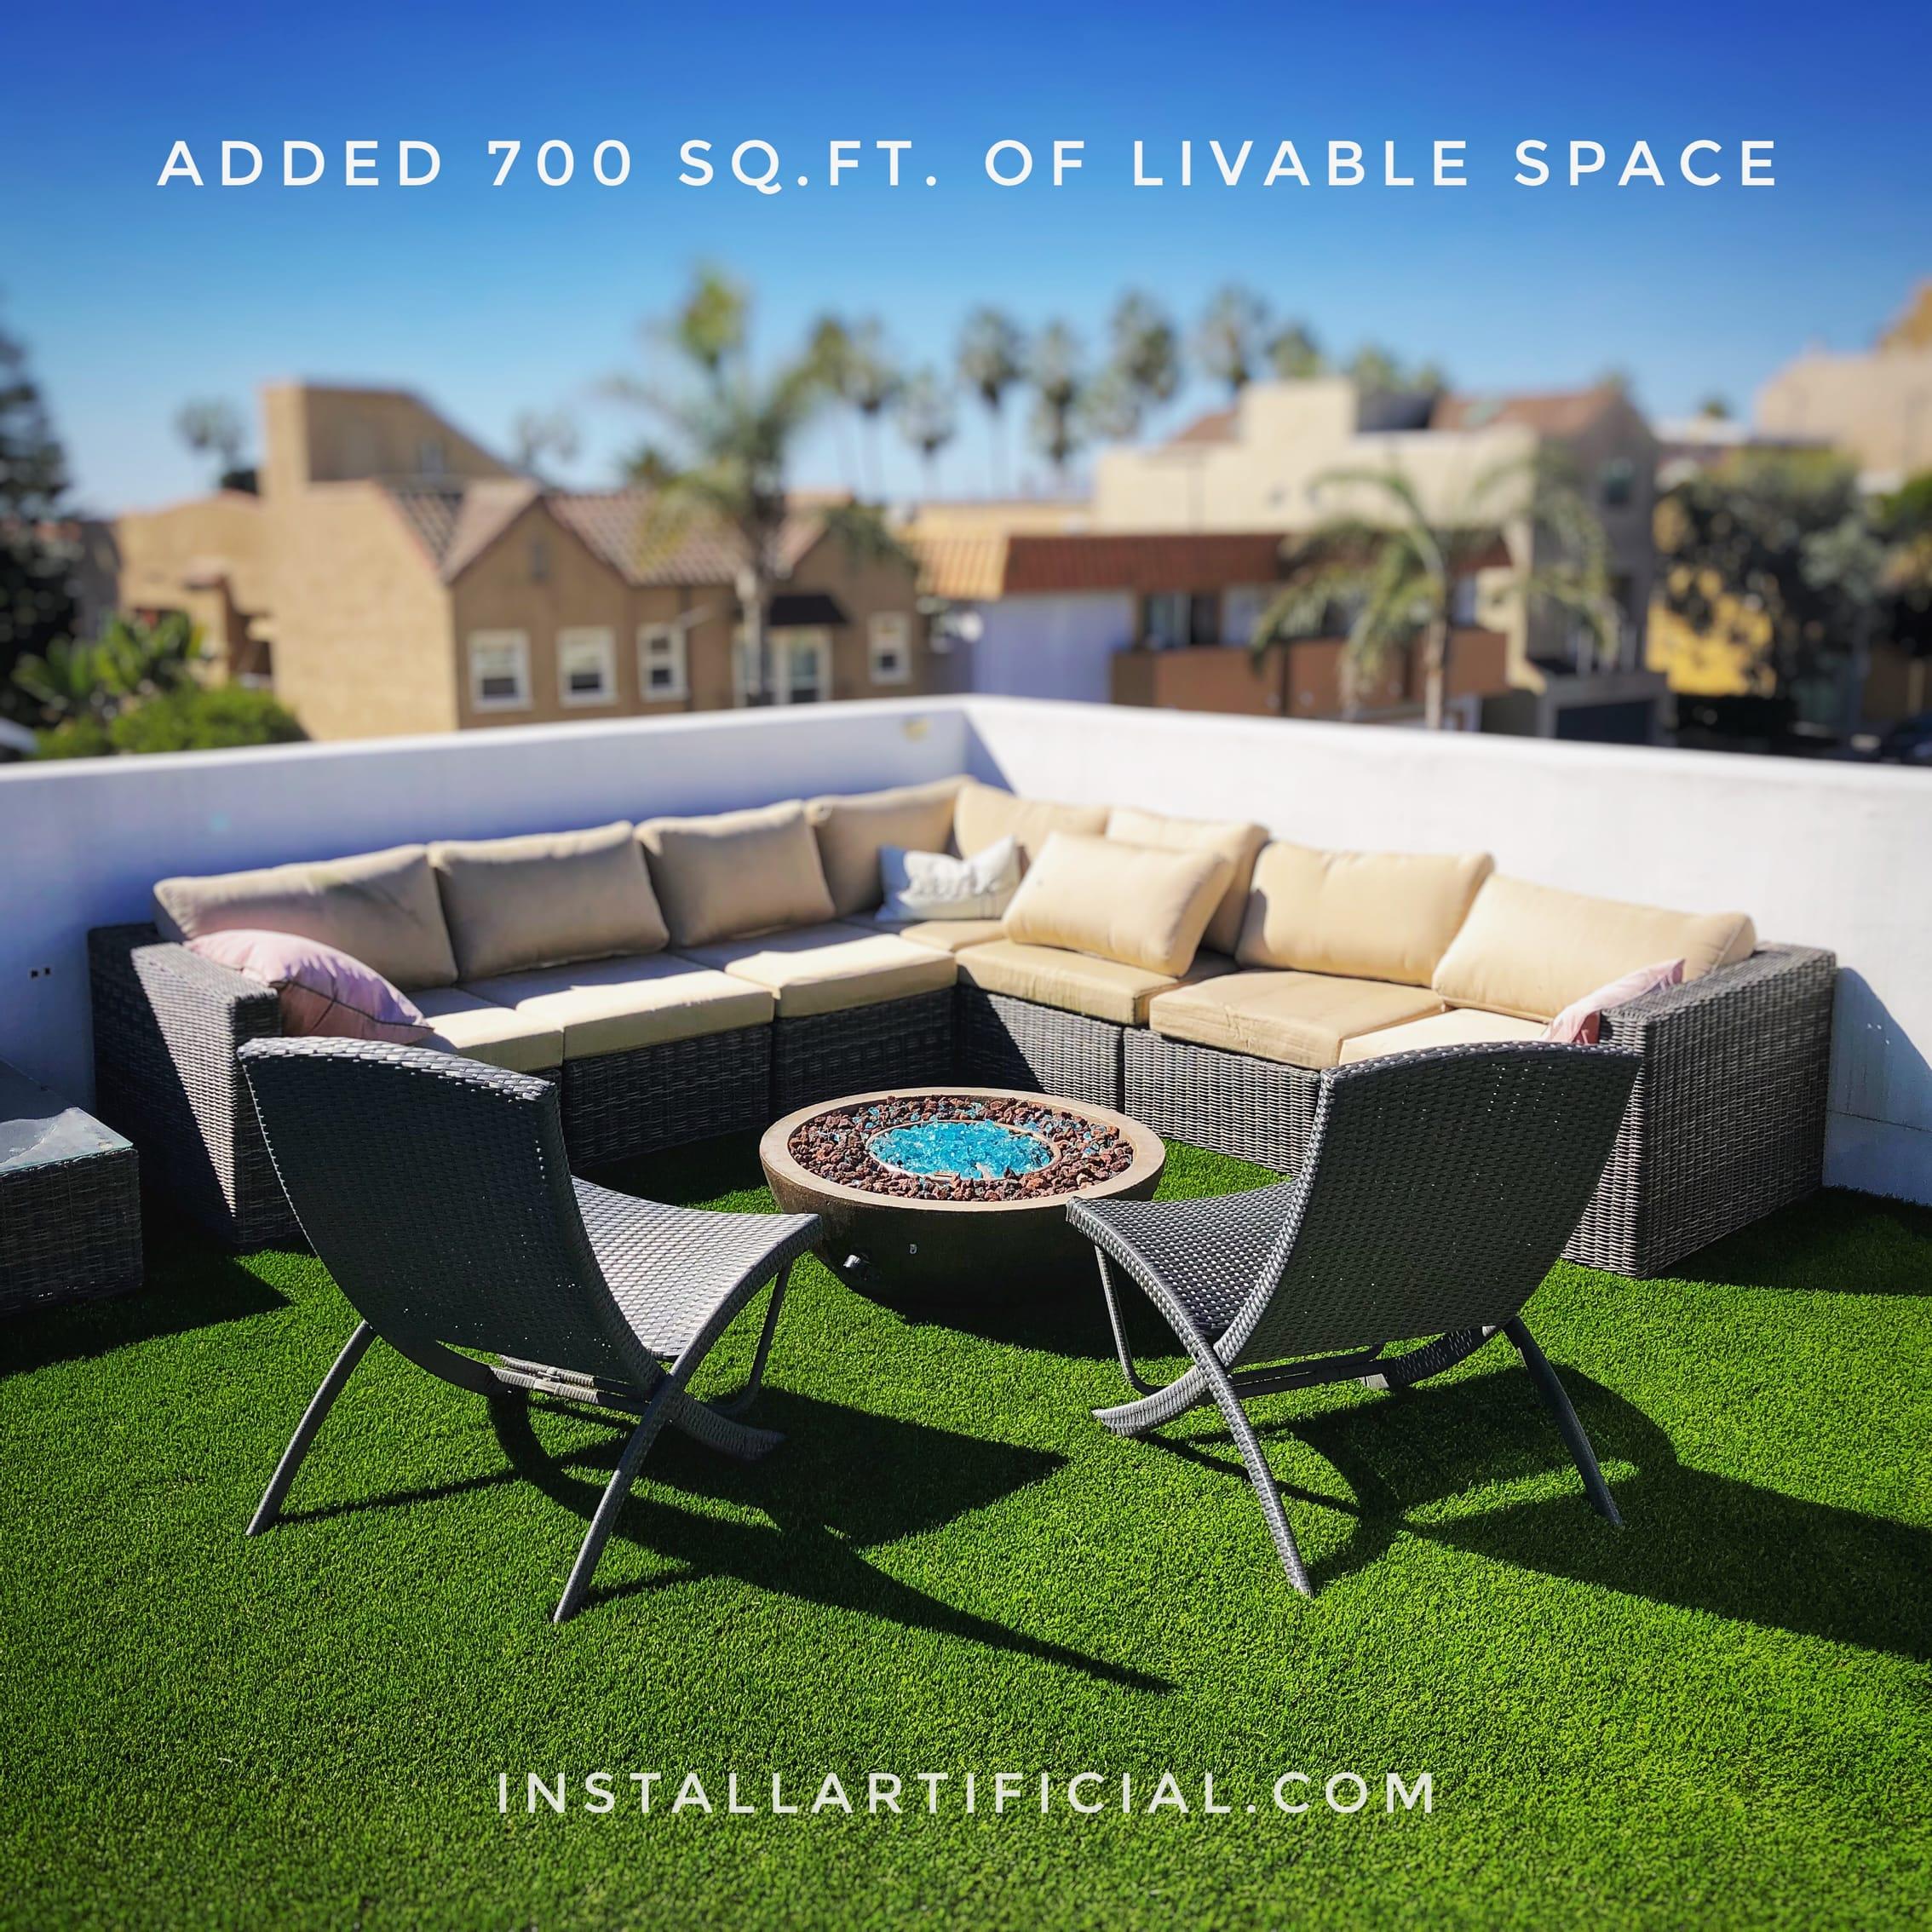 rooftop artificial grass installation